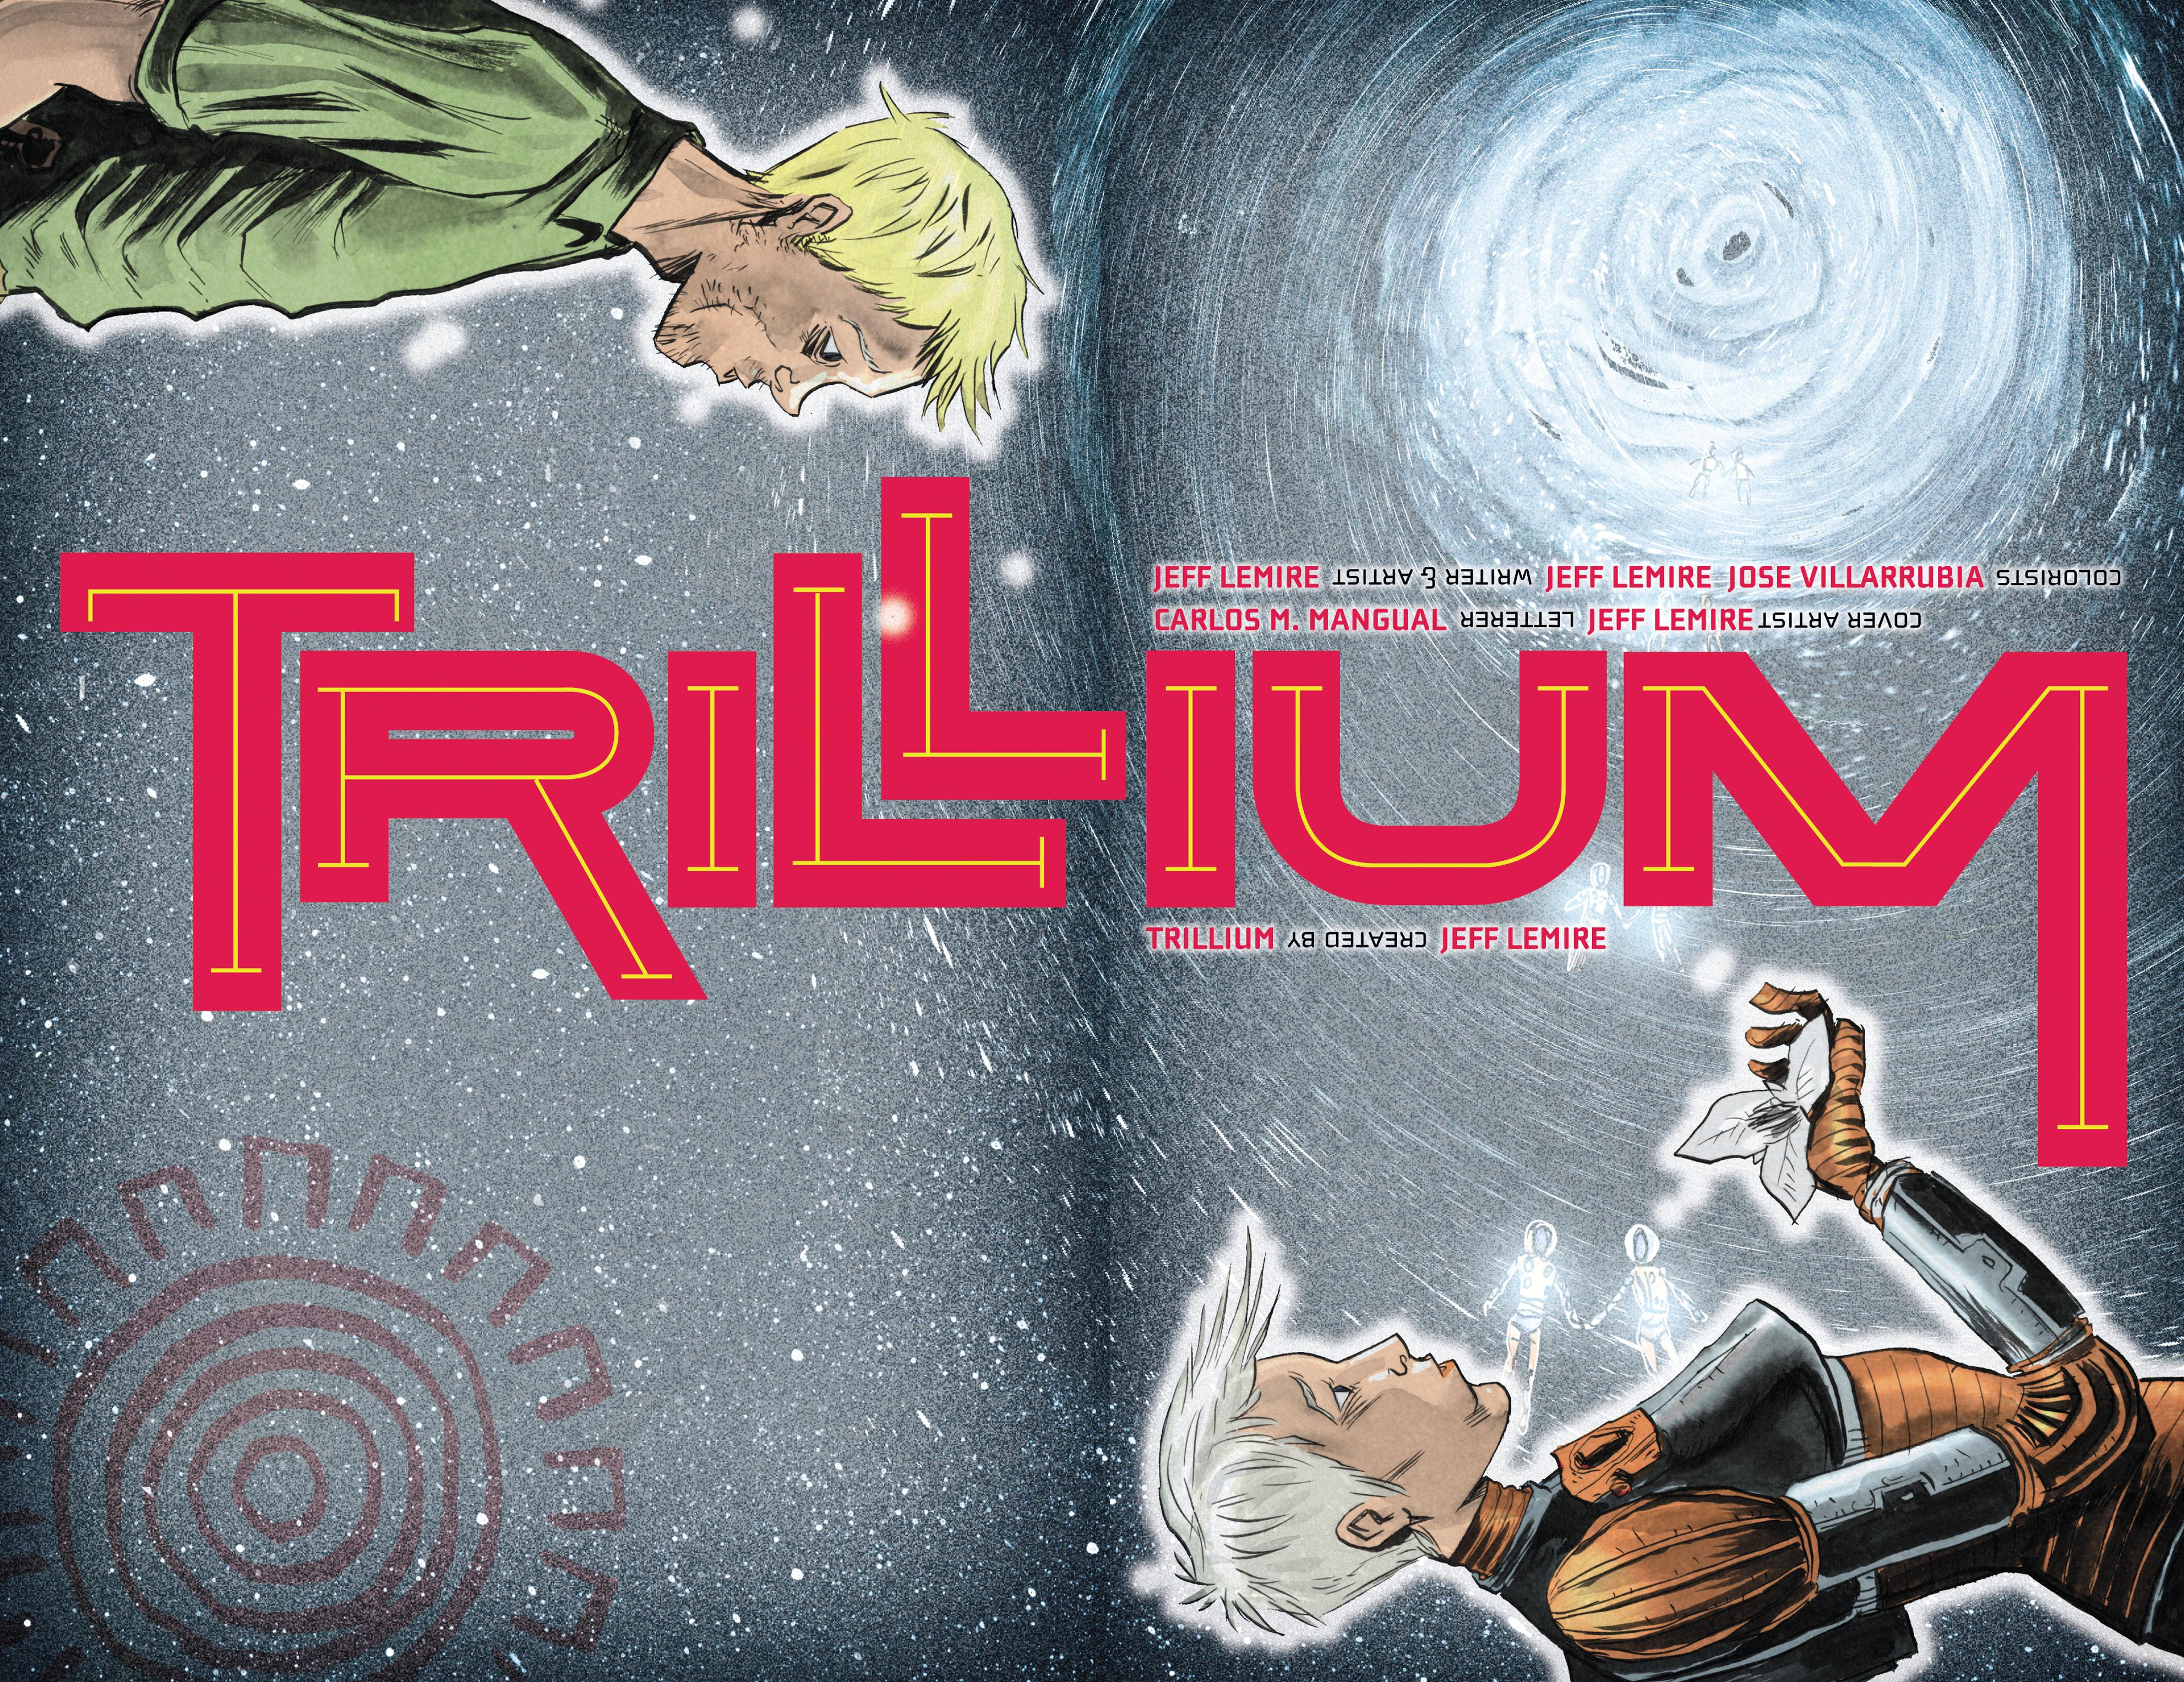 Read online Trillium comic -  Issue # TPB - 3